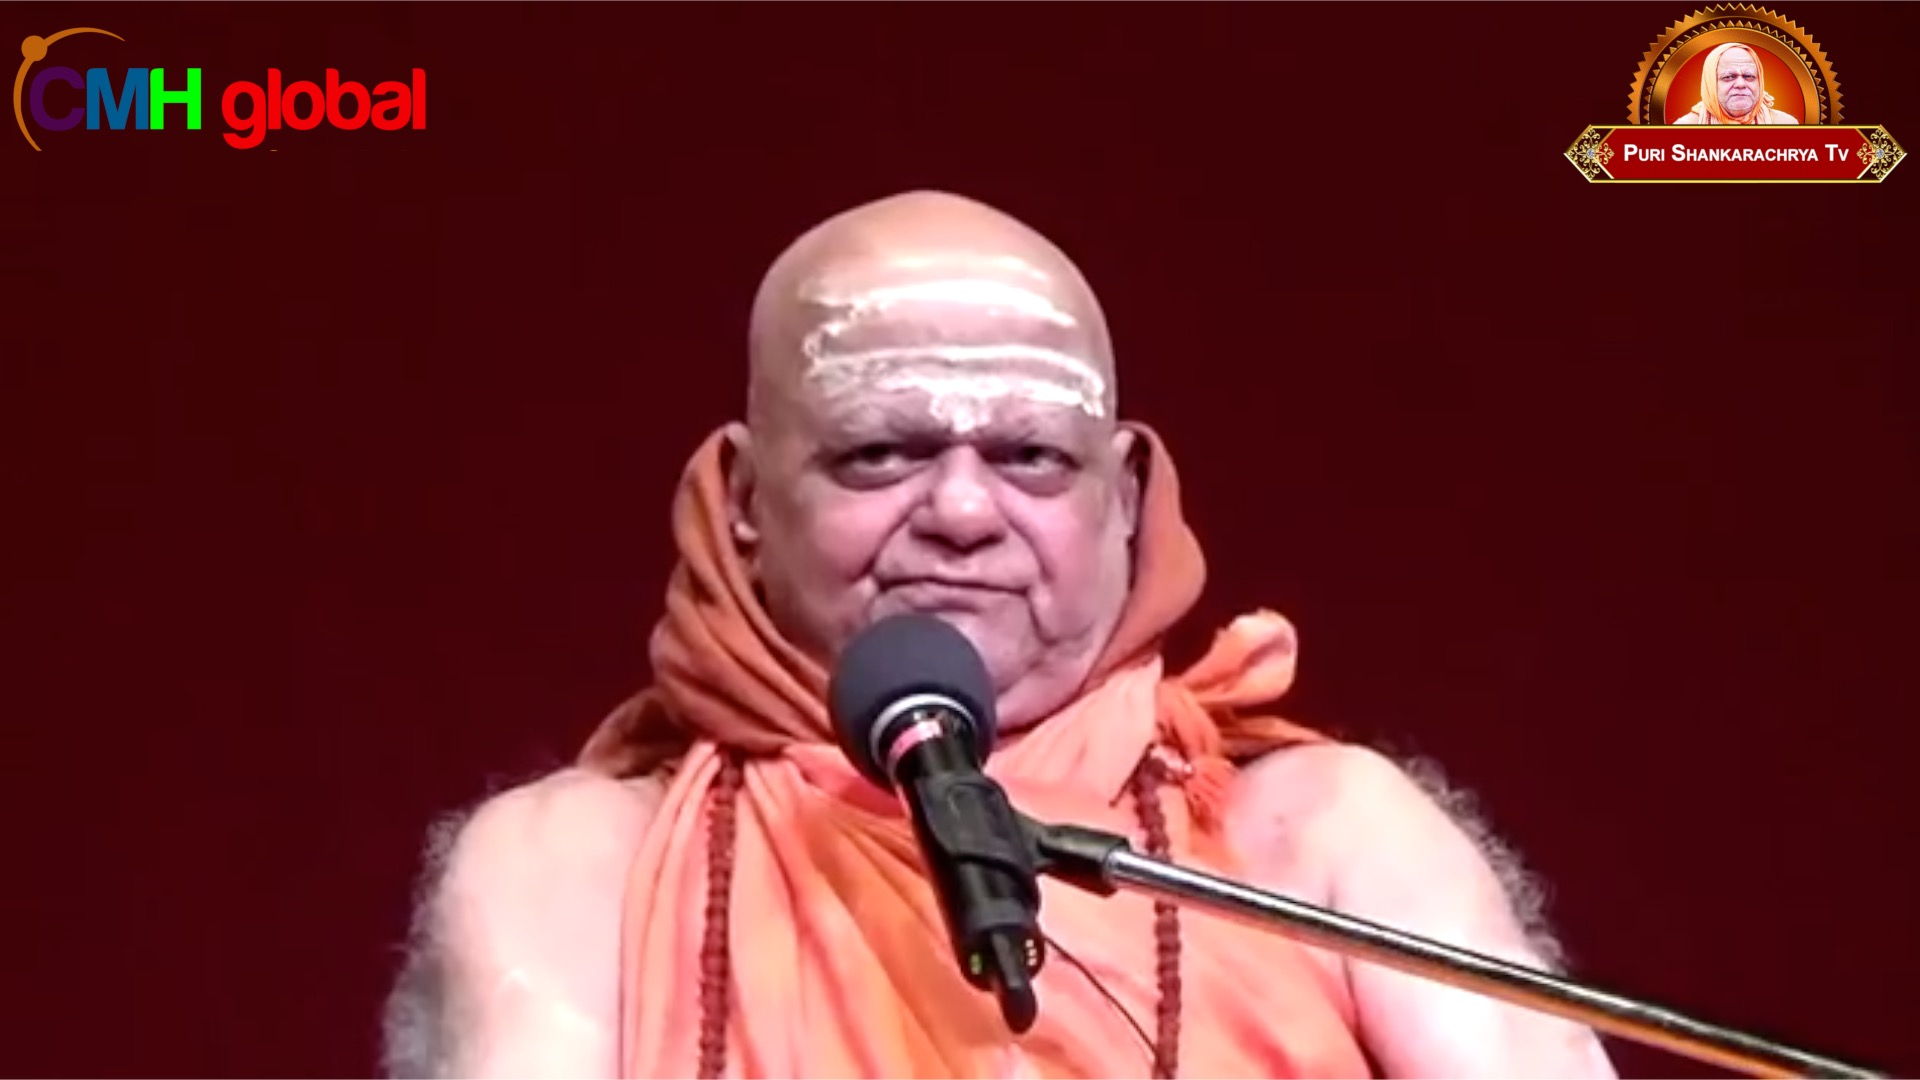 Gyan Dhara Ep -23 by Puri Shankaracharya Swami Nishchalananda Saraswati Ji